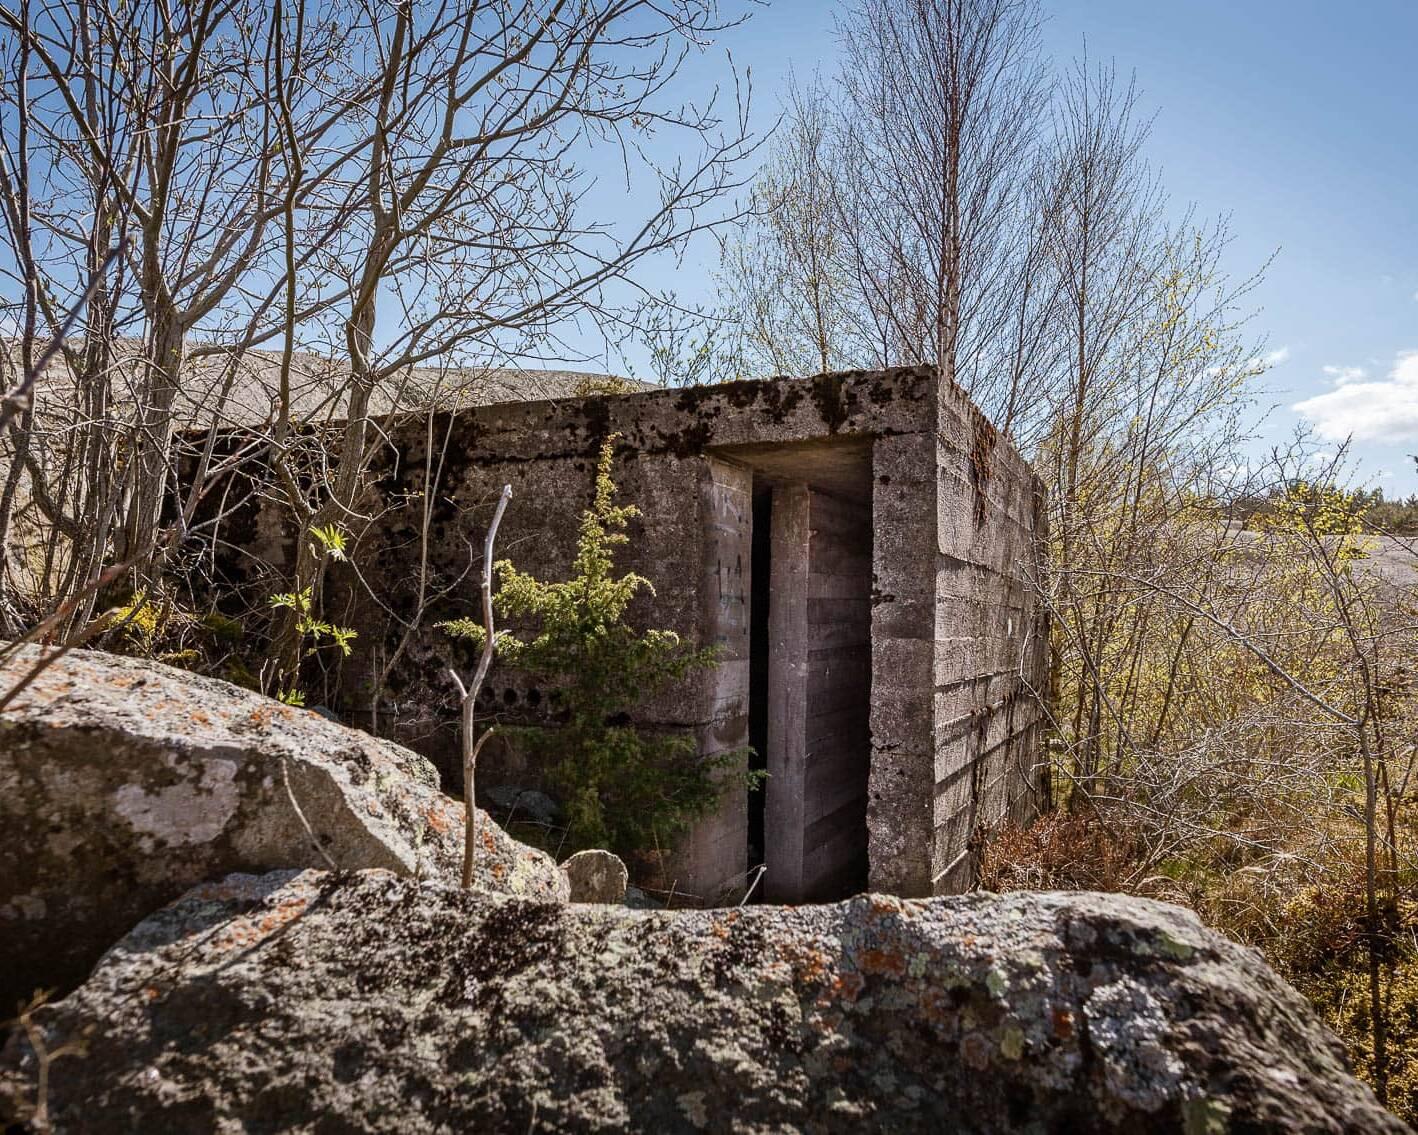 Stora Lund Naturrservat